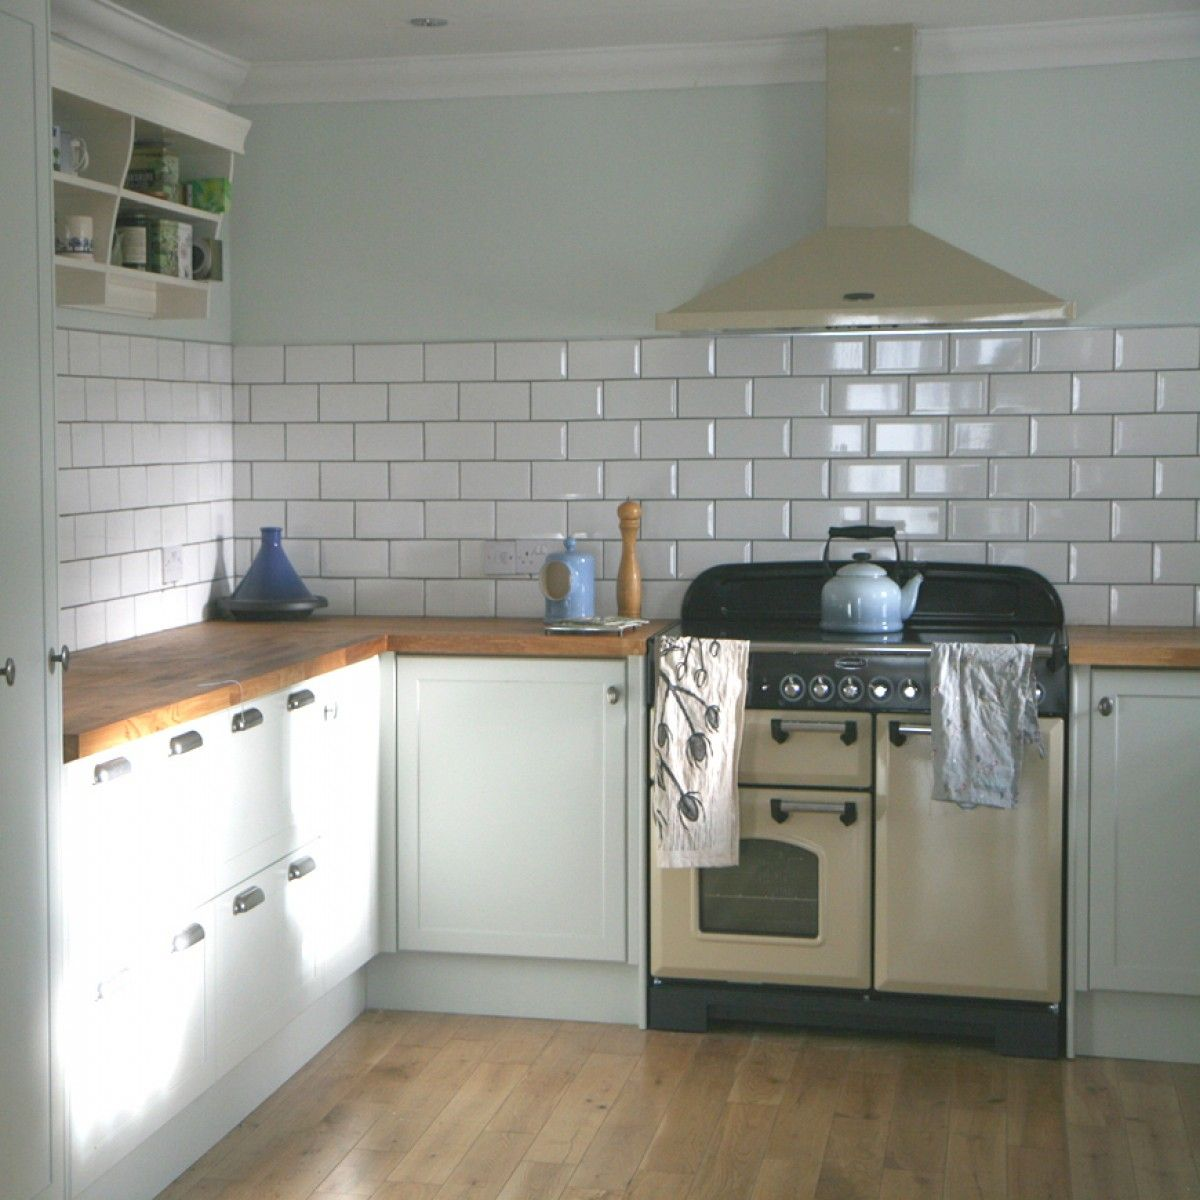 White Gloss Kitchen Tiles